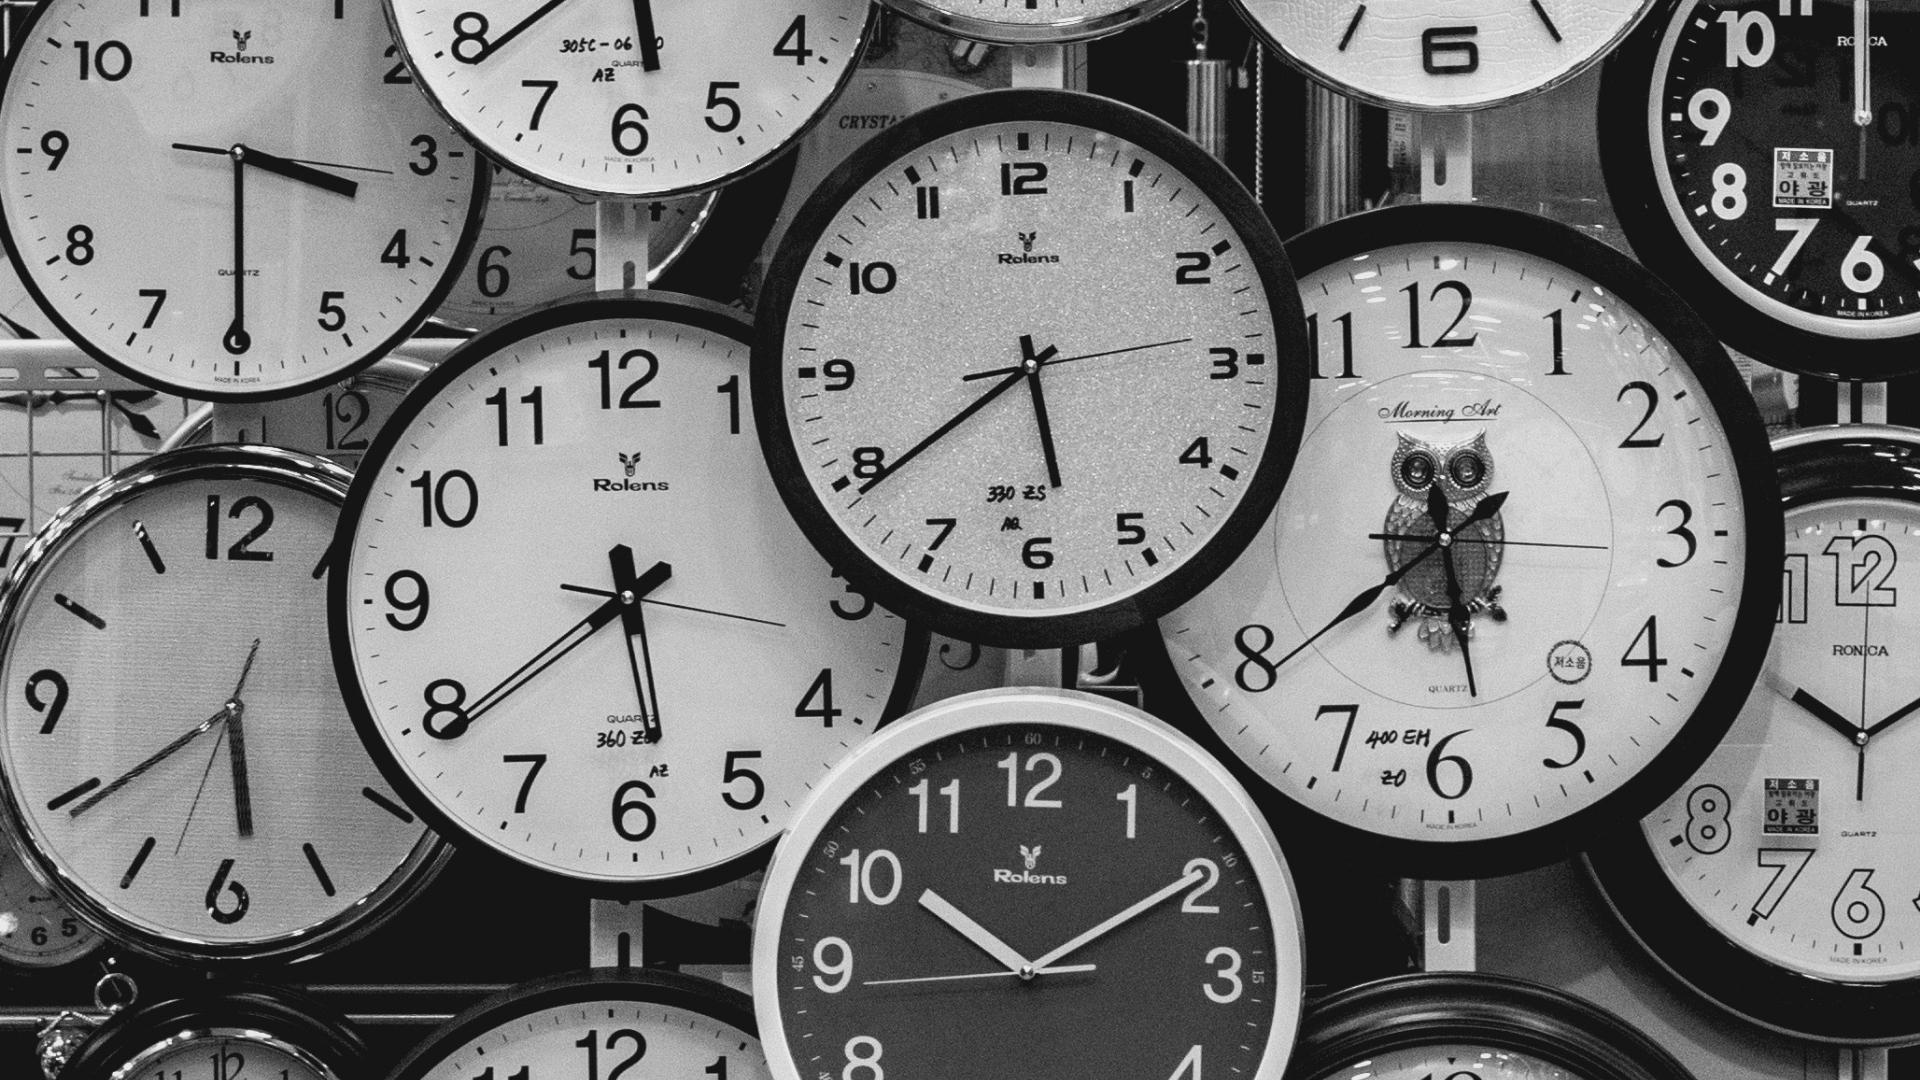 Descubre cuáles son las mejores horas para publicar en redes sociales